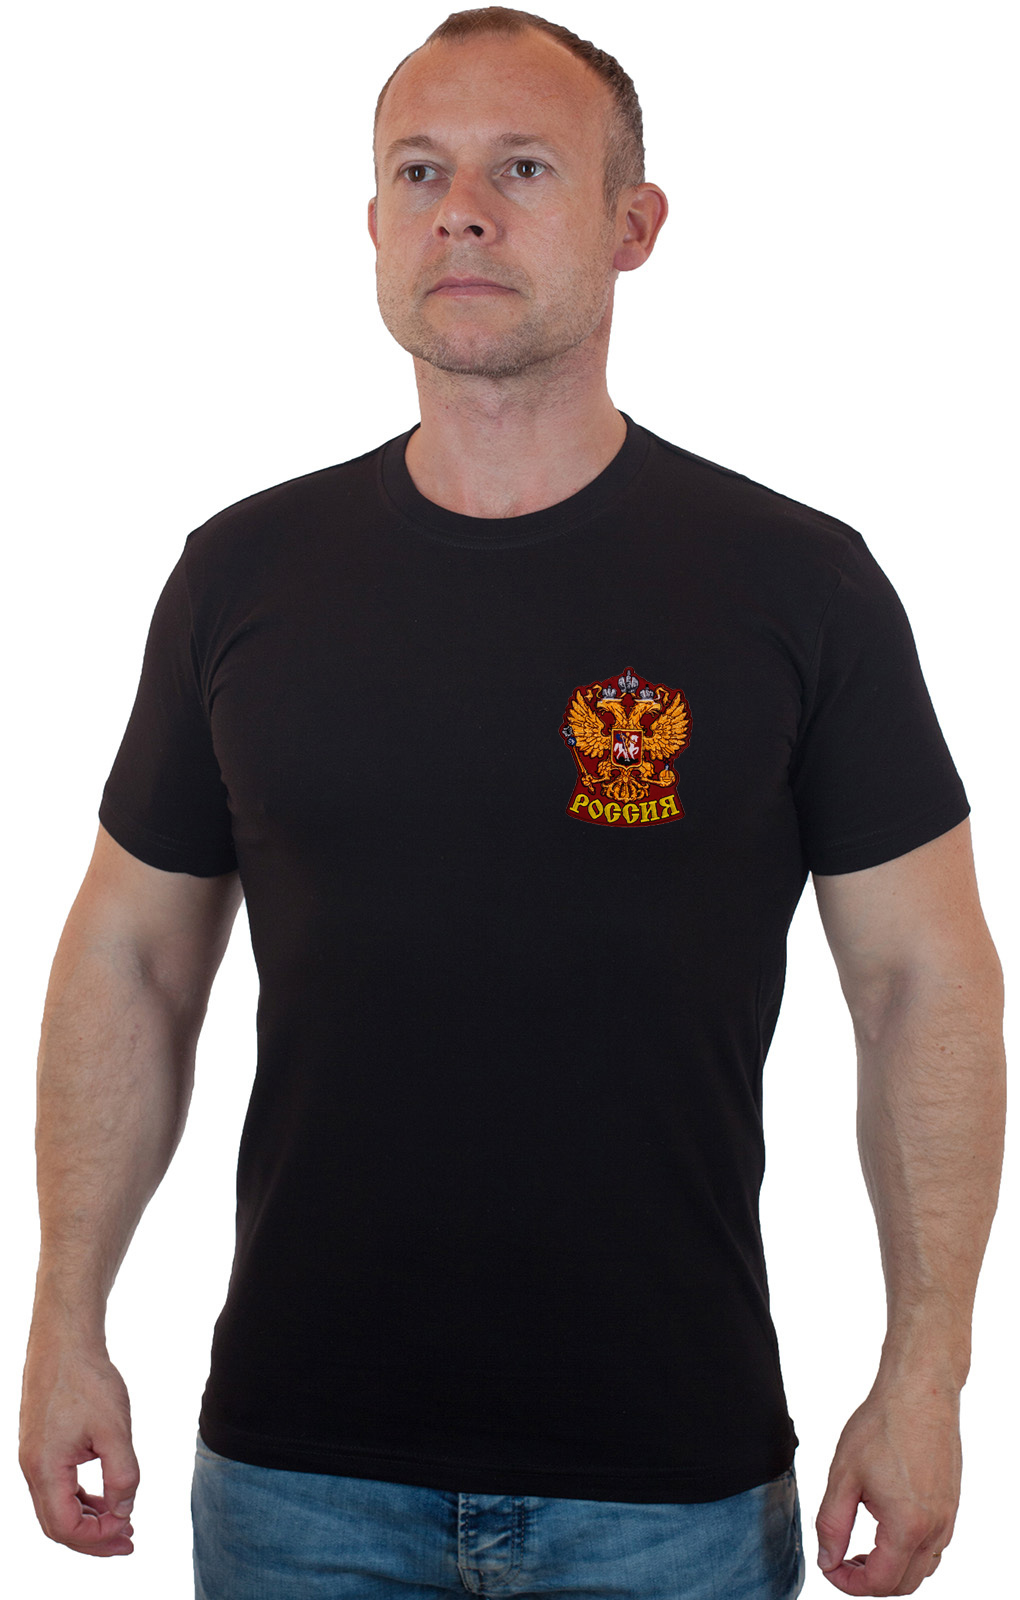 Купить в интернет магазине футболку с гербом России